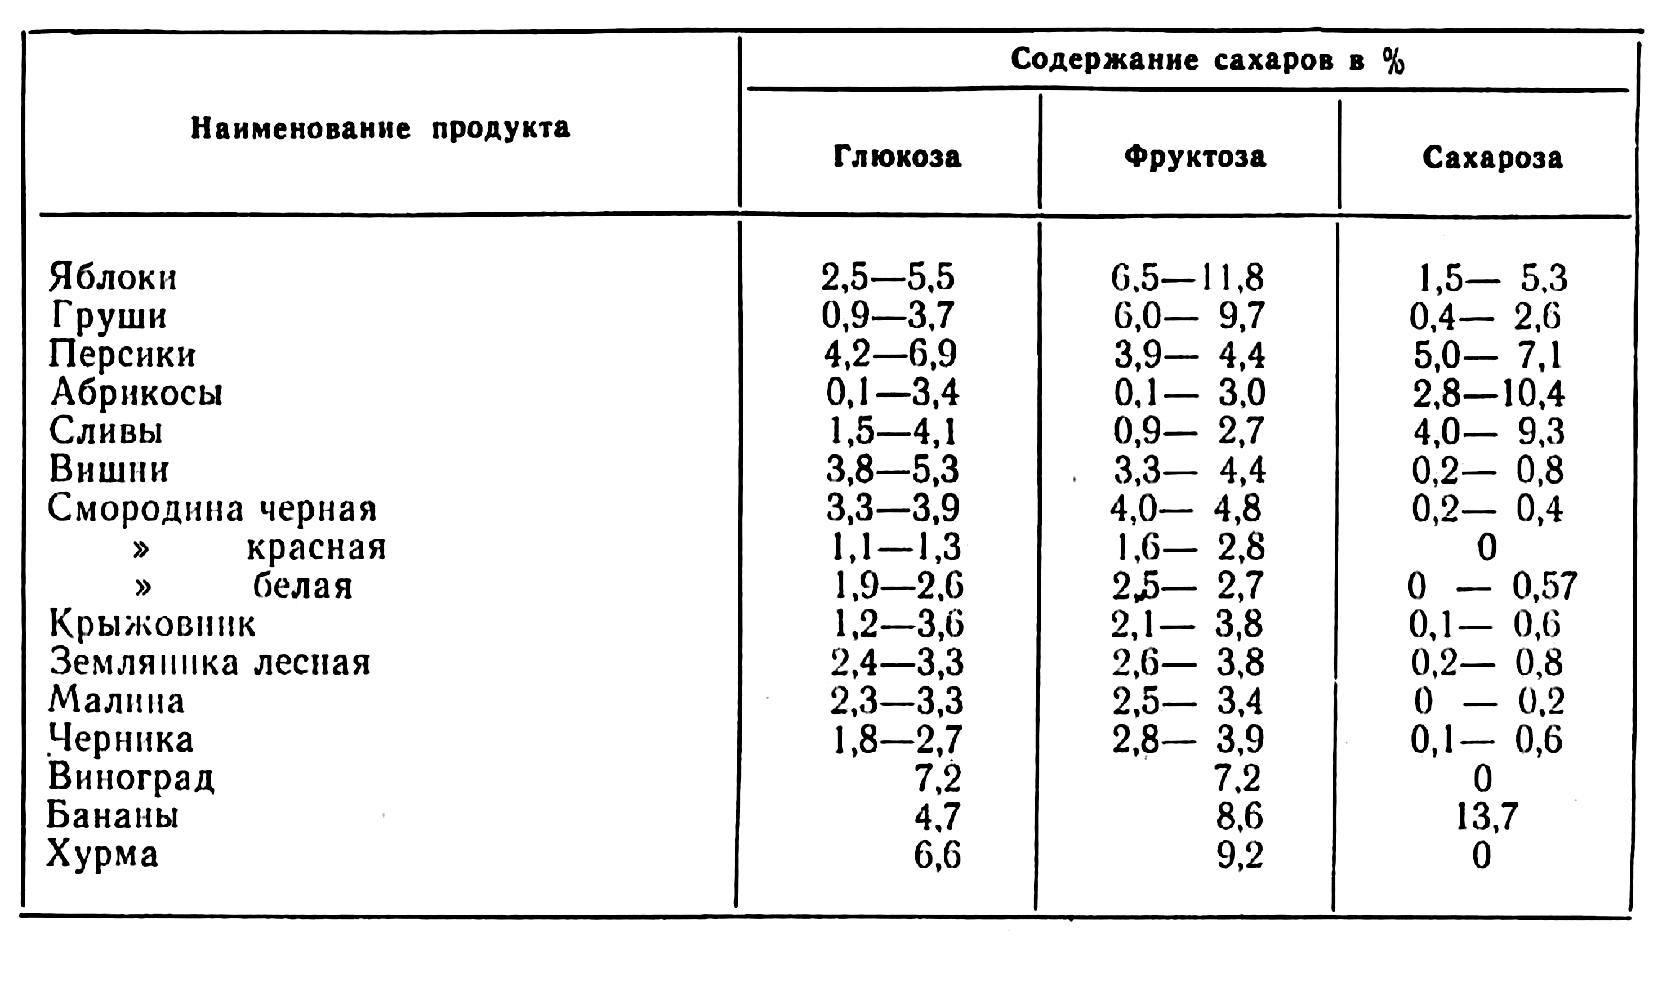 Таблица, сколько глюкозы, фруктозы и сахарозы содержится во фруктах и ягодах